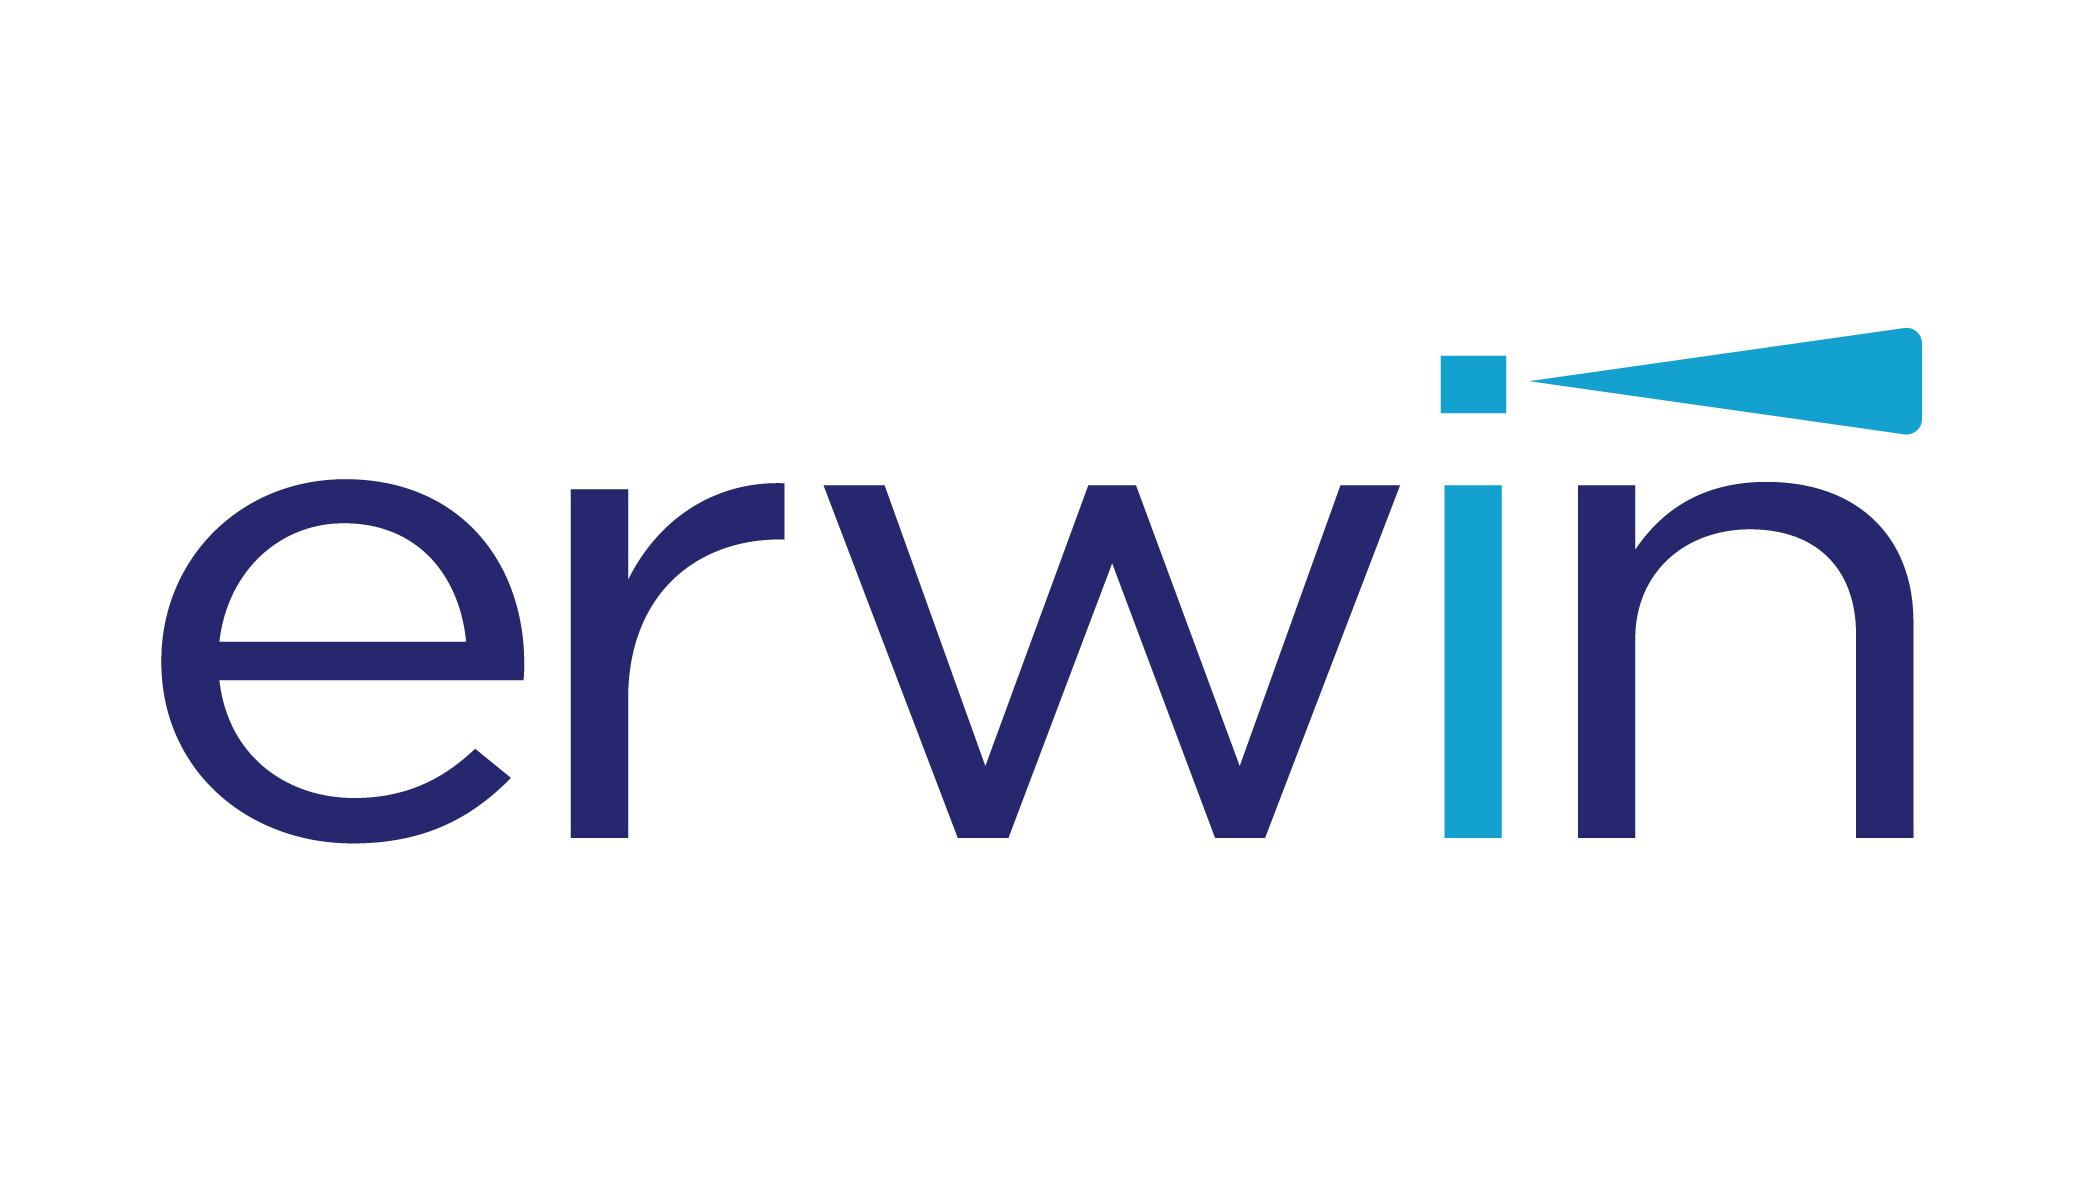 erwin-logo-2016_v4.png_3.png